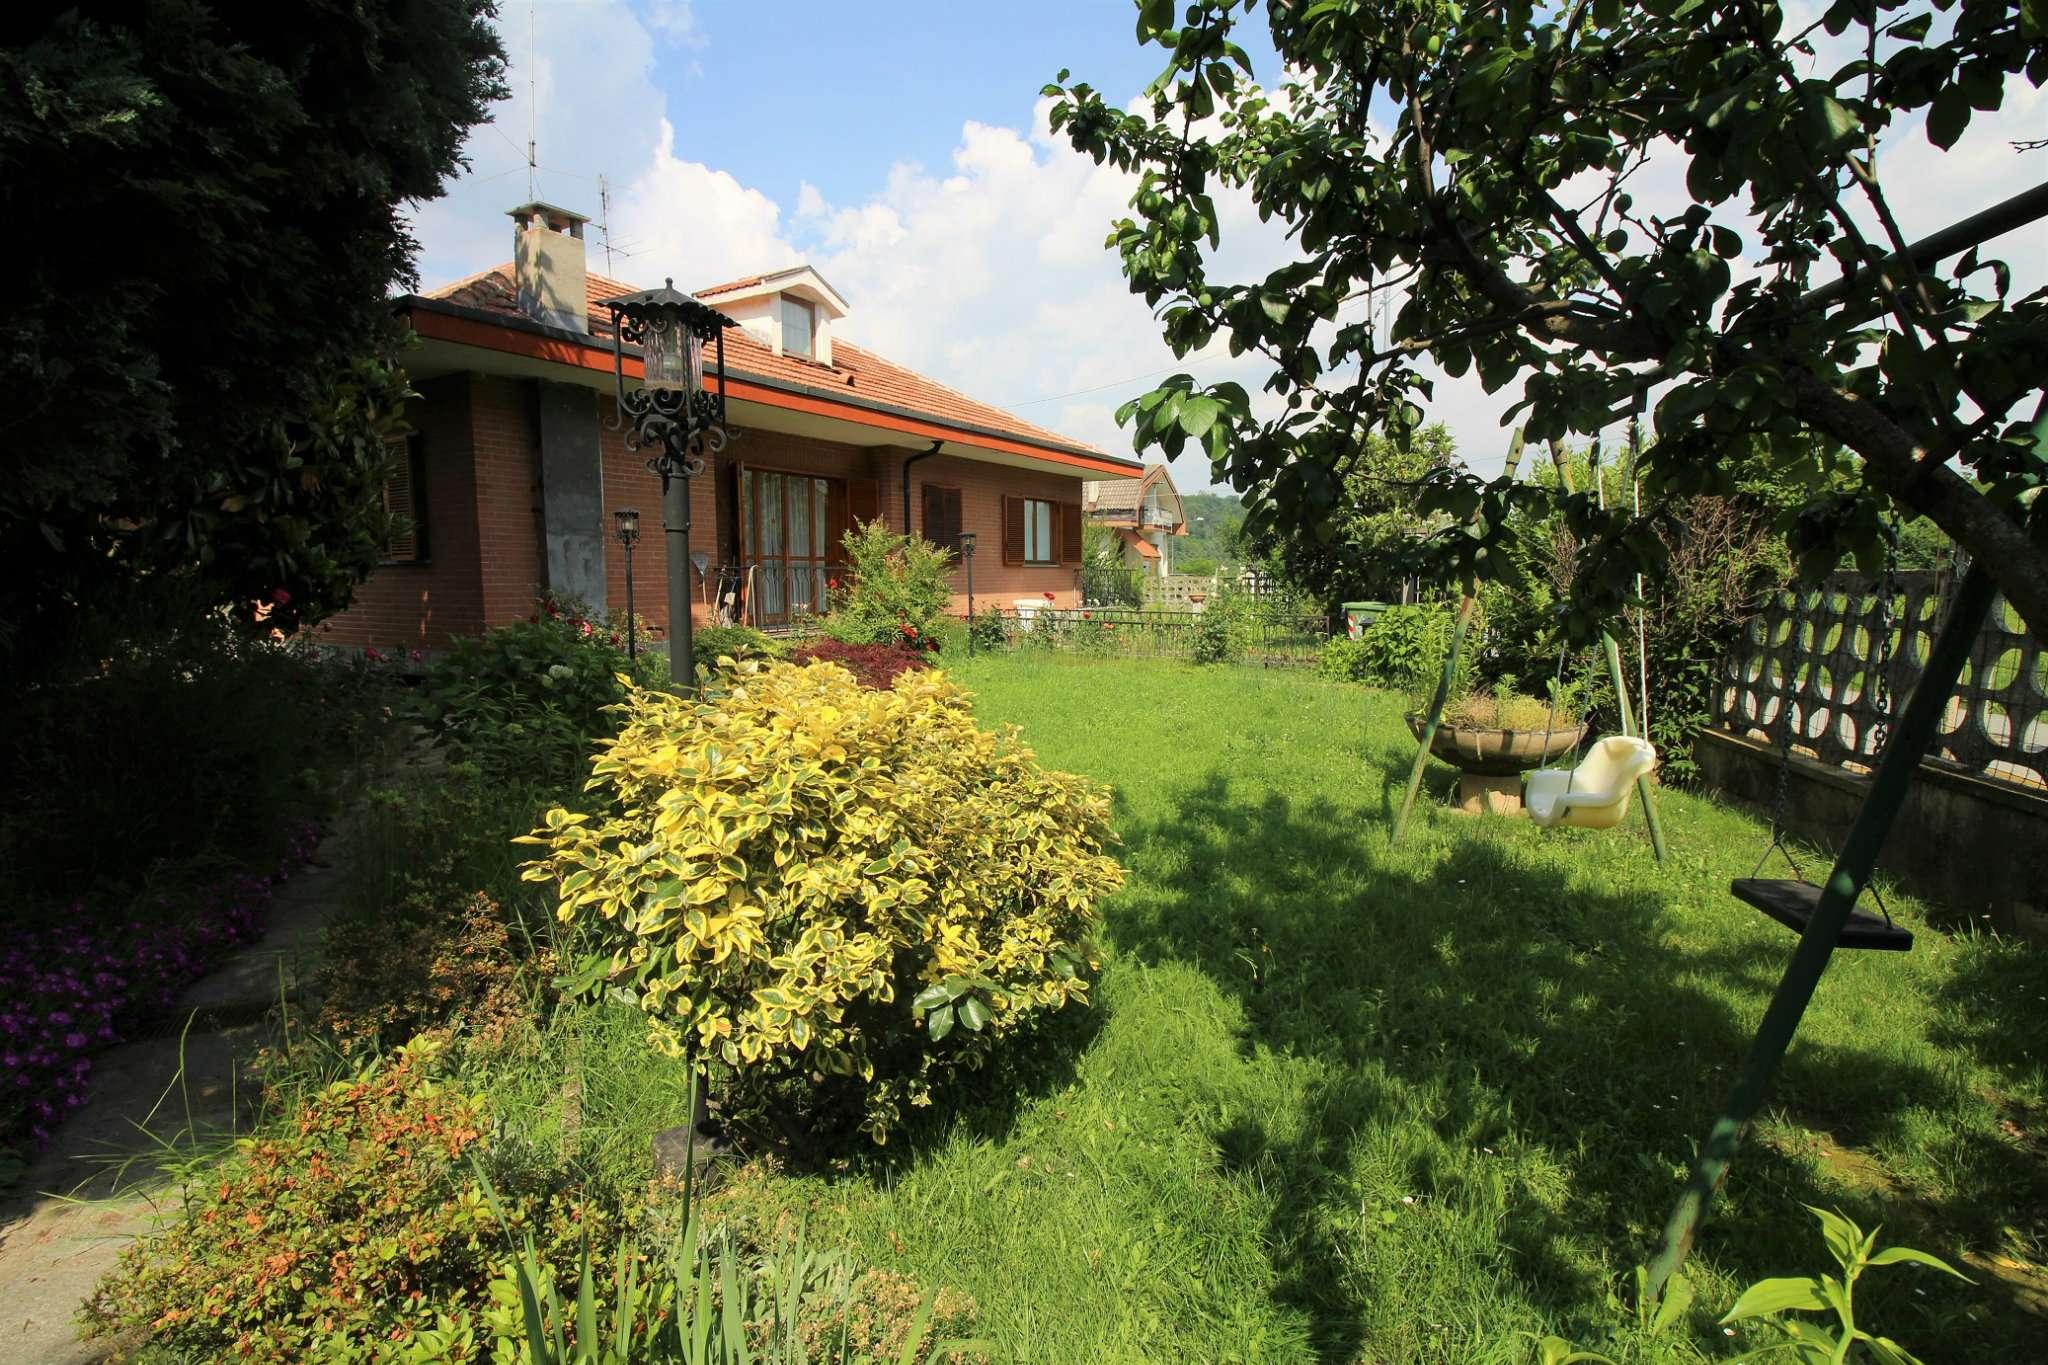 Foto 1 di Villa via ruffino 23, Trana